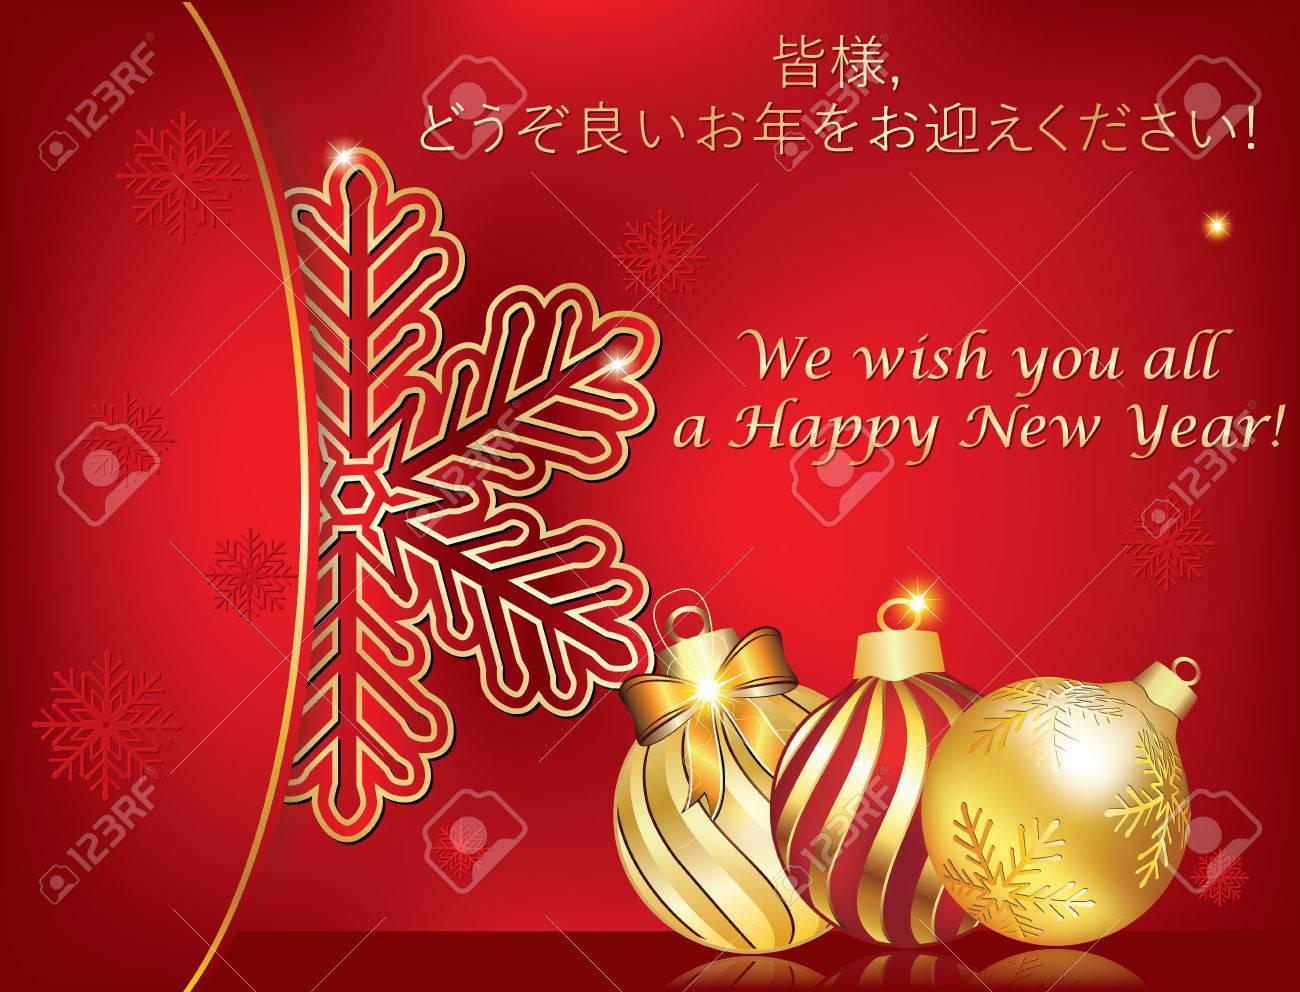 Carte De Voeux Pour Le Nouvel An Japonais Nous Vous Souhaitons Bonne Année Un Message Japonais Couleurs Dimpression Utilisées